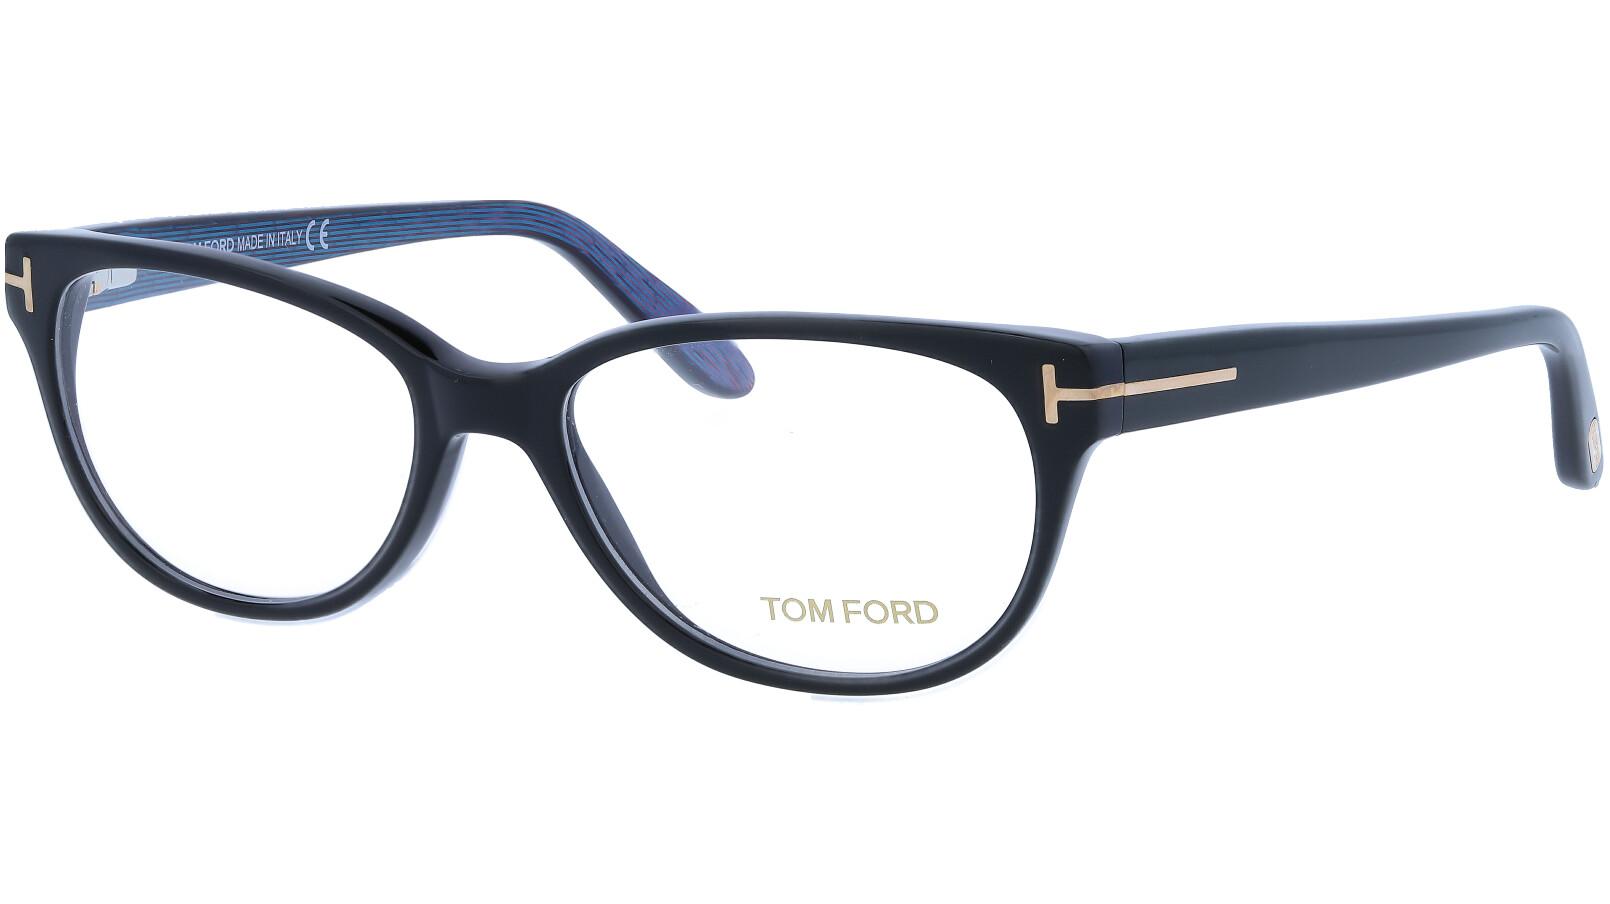 TOM FORD FT5292 005 53 BLACK Glasses